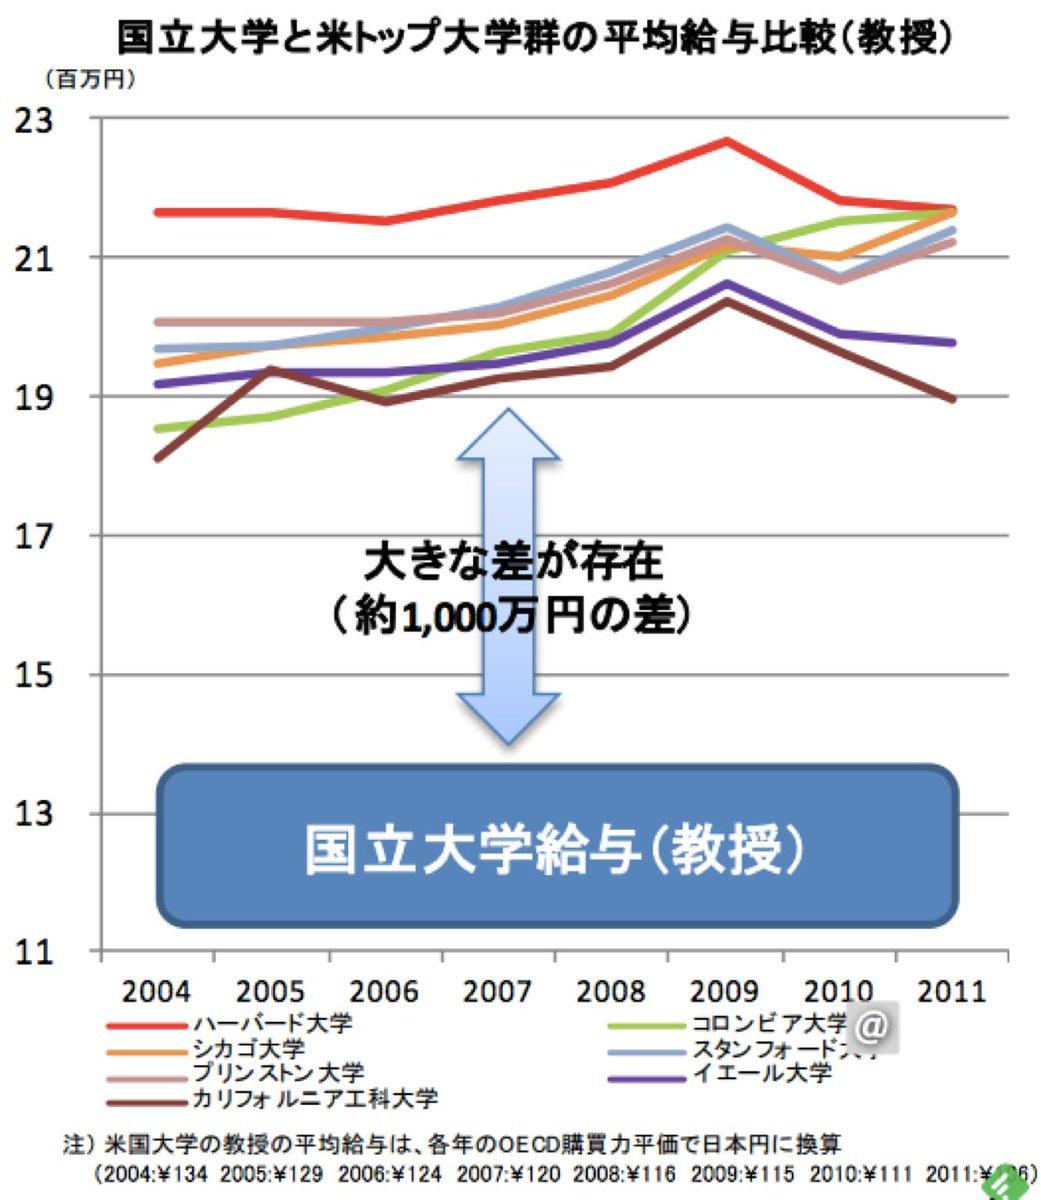 国立大と米トップ大学群の平均給与差だそうです。なぜ国内教授のグラフがないのか。http://t.co/Poz3KWwdZd http://t.co/7f9Mx2E9RK